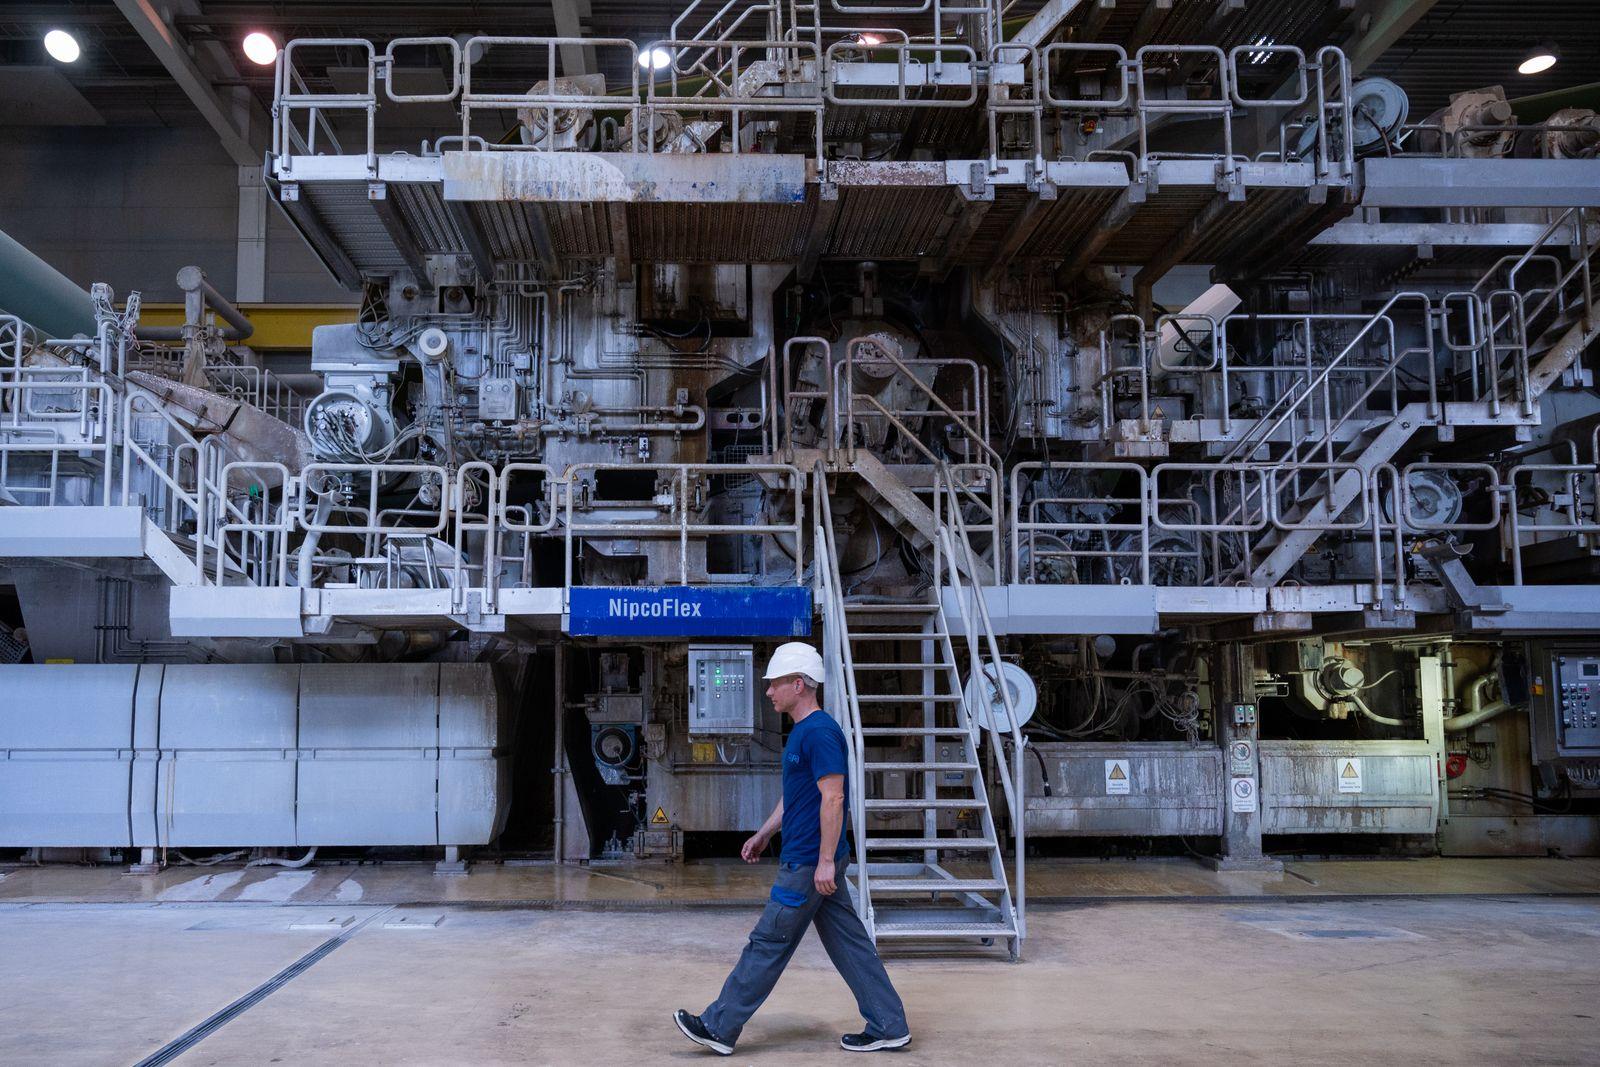 Papierfabrik Leipa in Schwedt/Oder